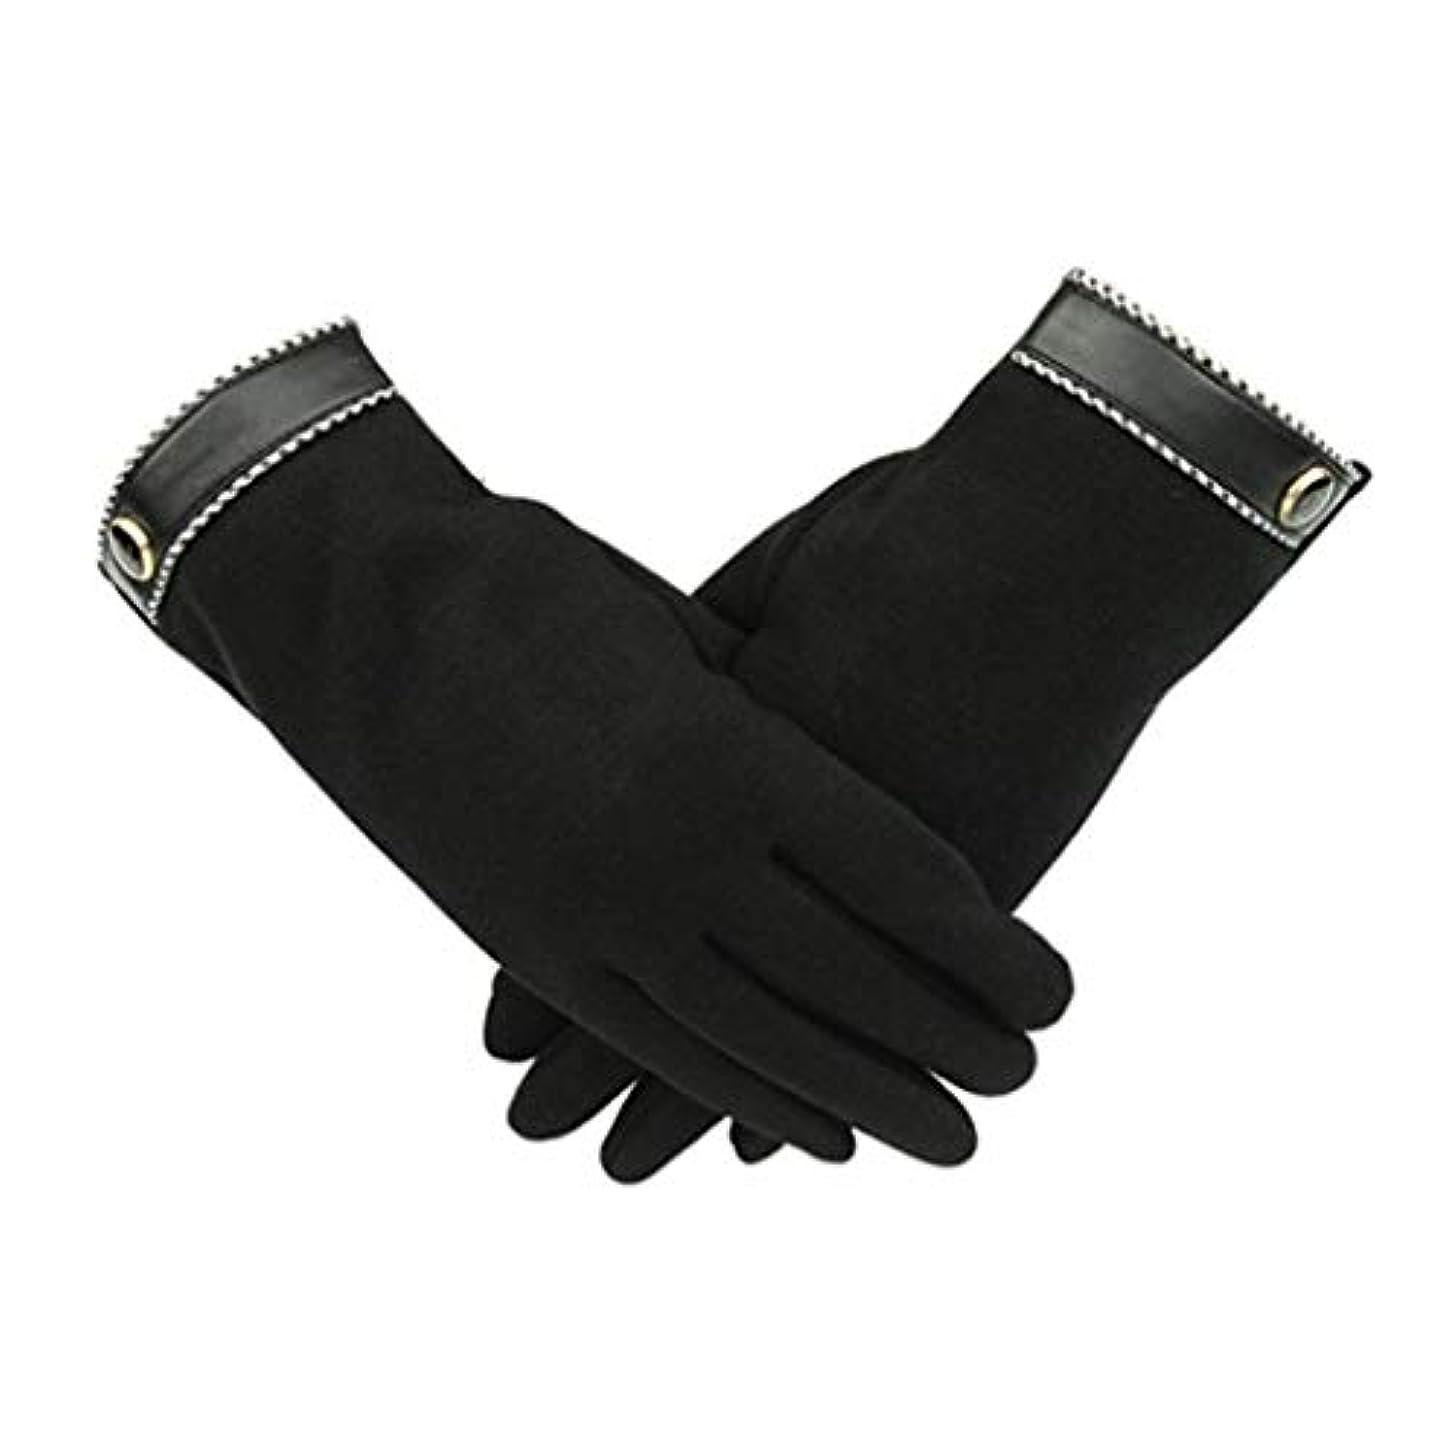 野菜ジャンプ煙手袋の男性プラスベルベット暖かい春と秋冬の屋外旅行は、ベルベットのタッチスクリーンの手袋ではない (色 : 黒)